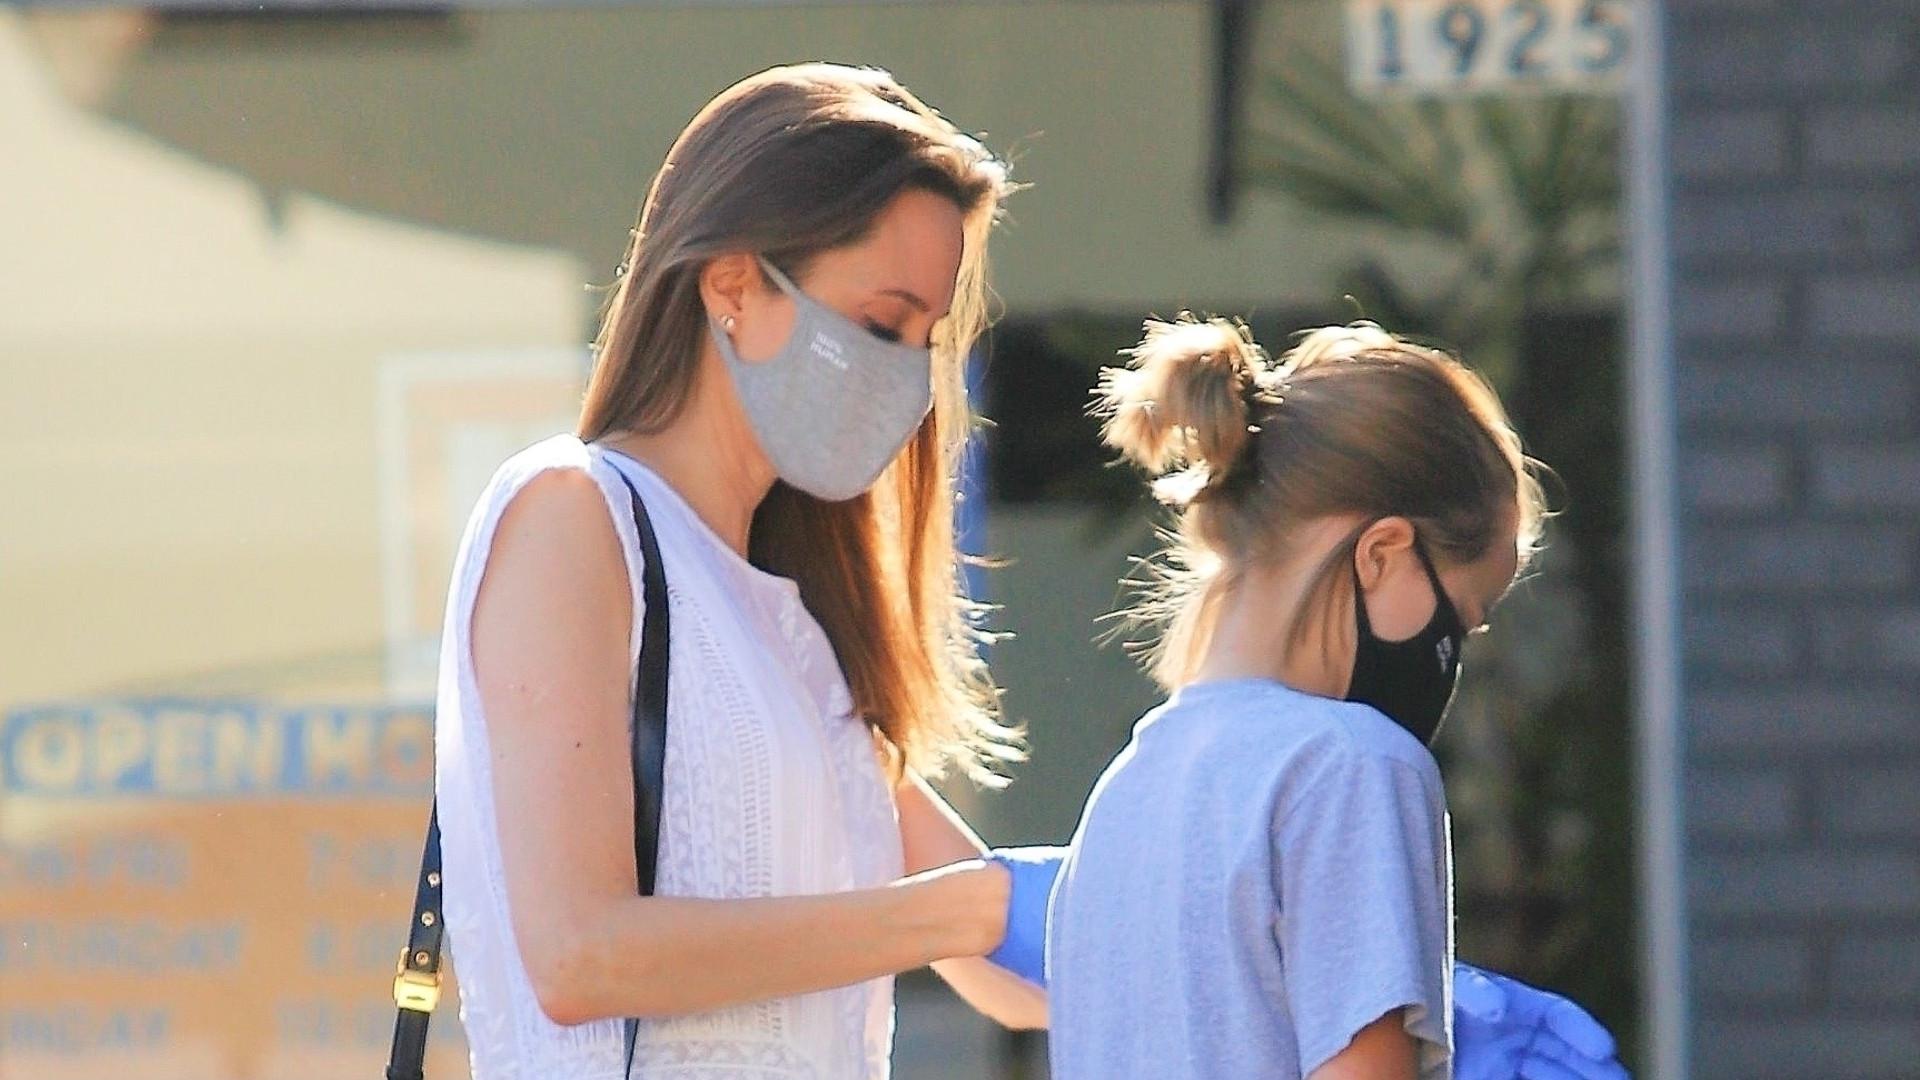 Dawno niewidziana Angelina Jolie z córką Vivienne na zakupach (ZDJĘCIA)